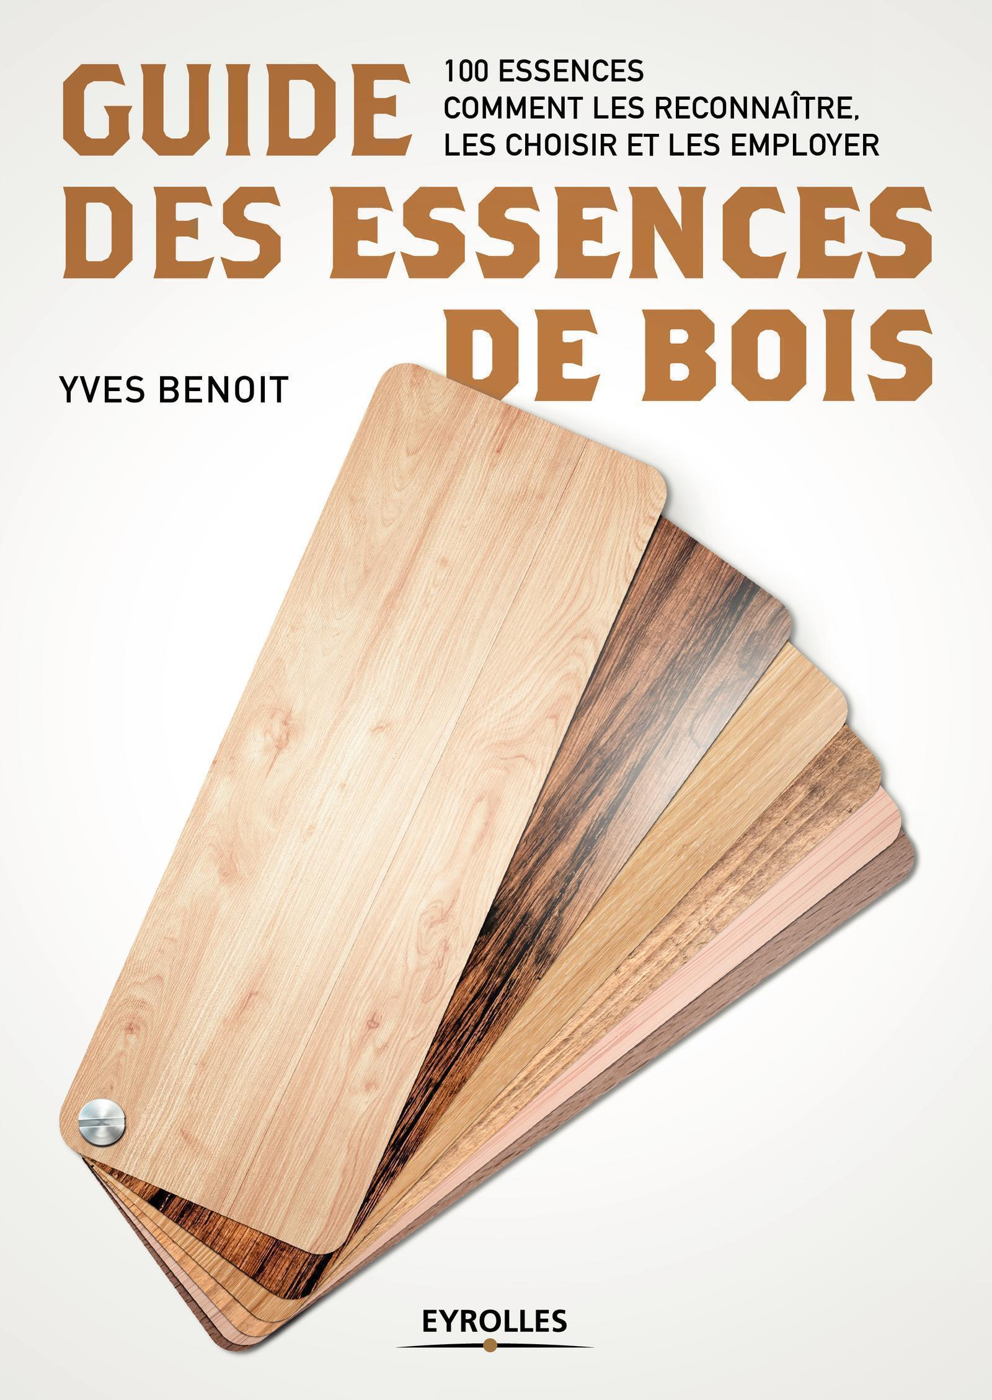 GUIDE DES ESSENCES DE BOIS - 100 ESSENCES. COMMENT LES RECONNAITRE, LES CHOISIR ET LES EMPLOYER